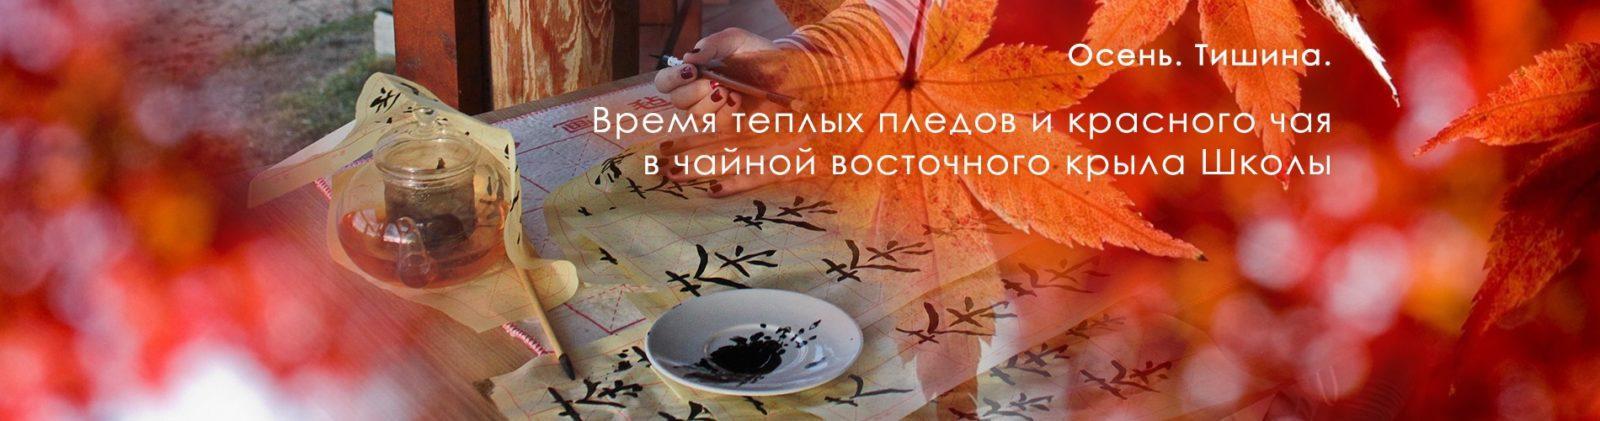 tea_autumn_slider2